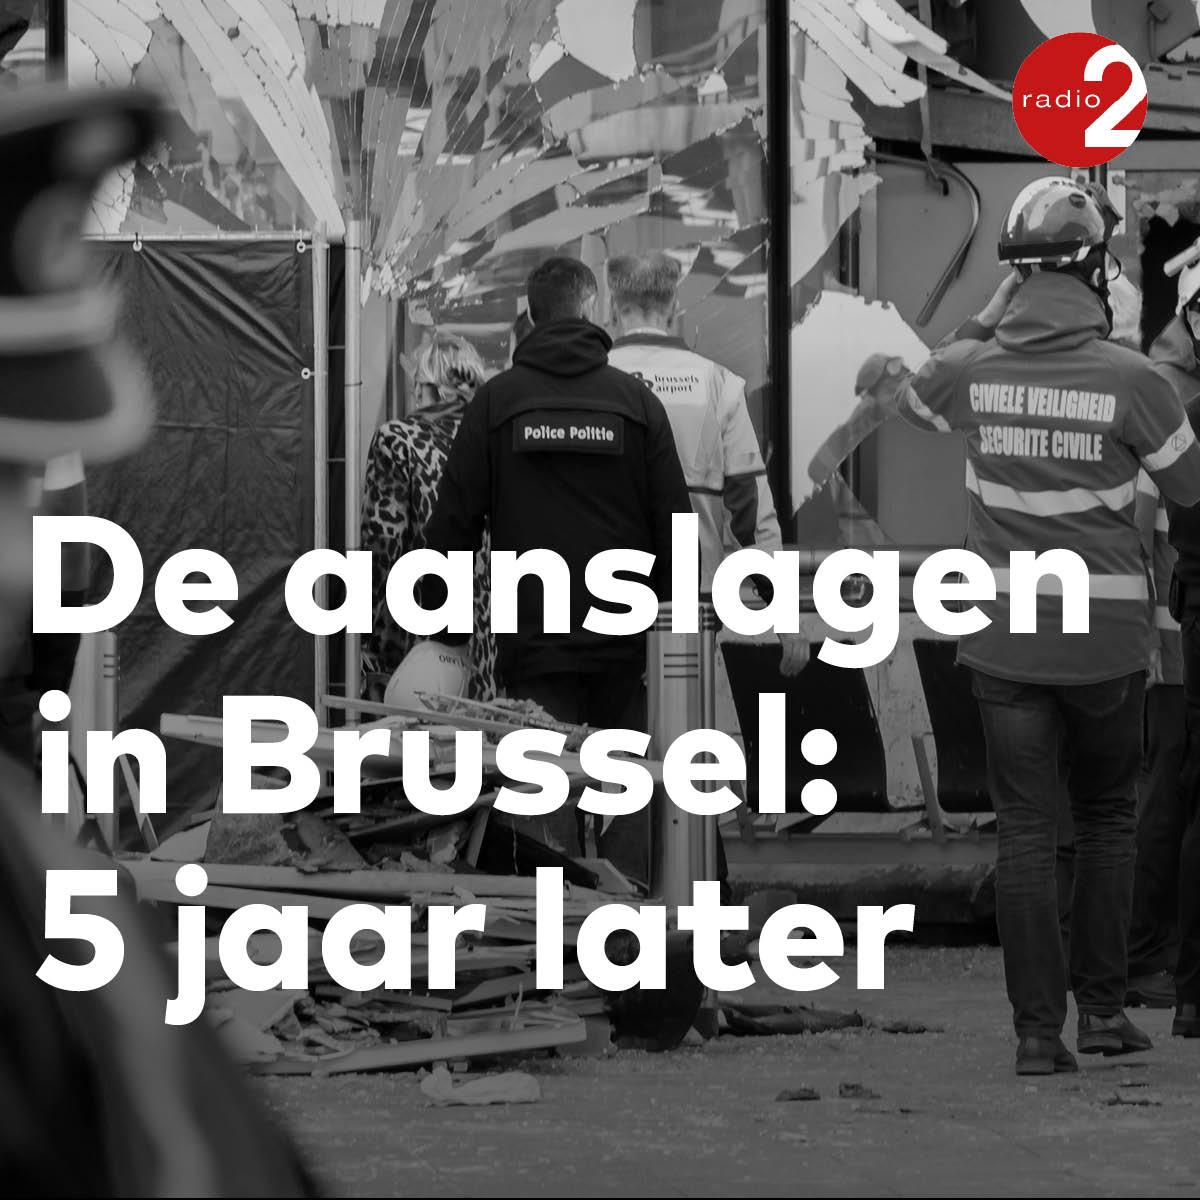 De aanslagen in Brussel: 5 jaar later logo